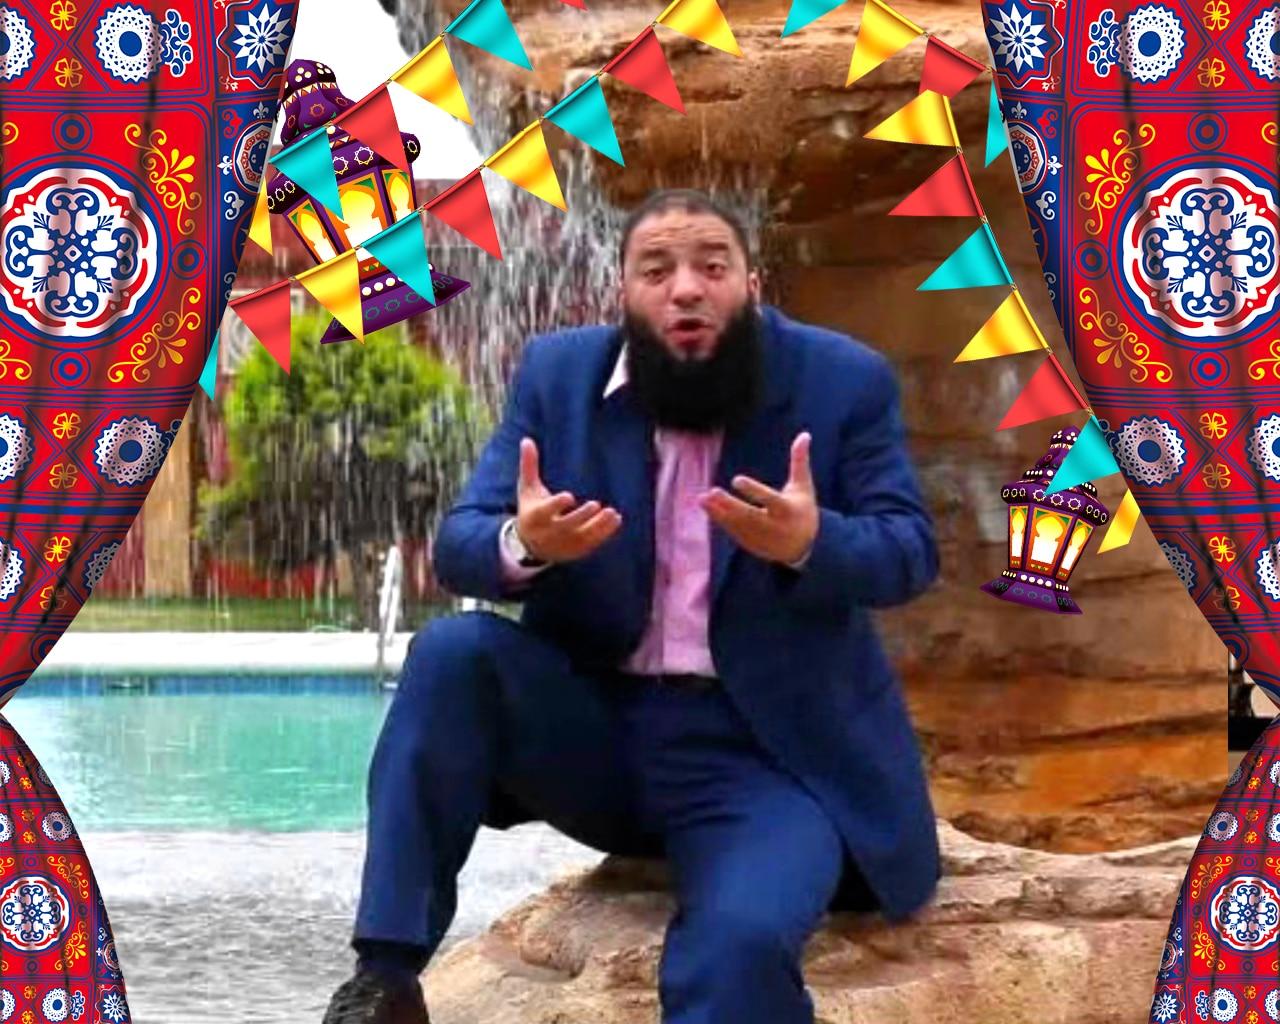 سلسلة كأنك تراه د حازم شومان 30 حلقة فيديو (2)